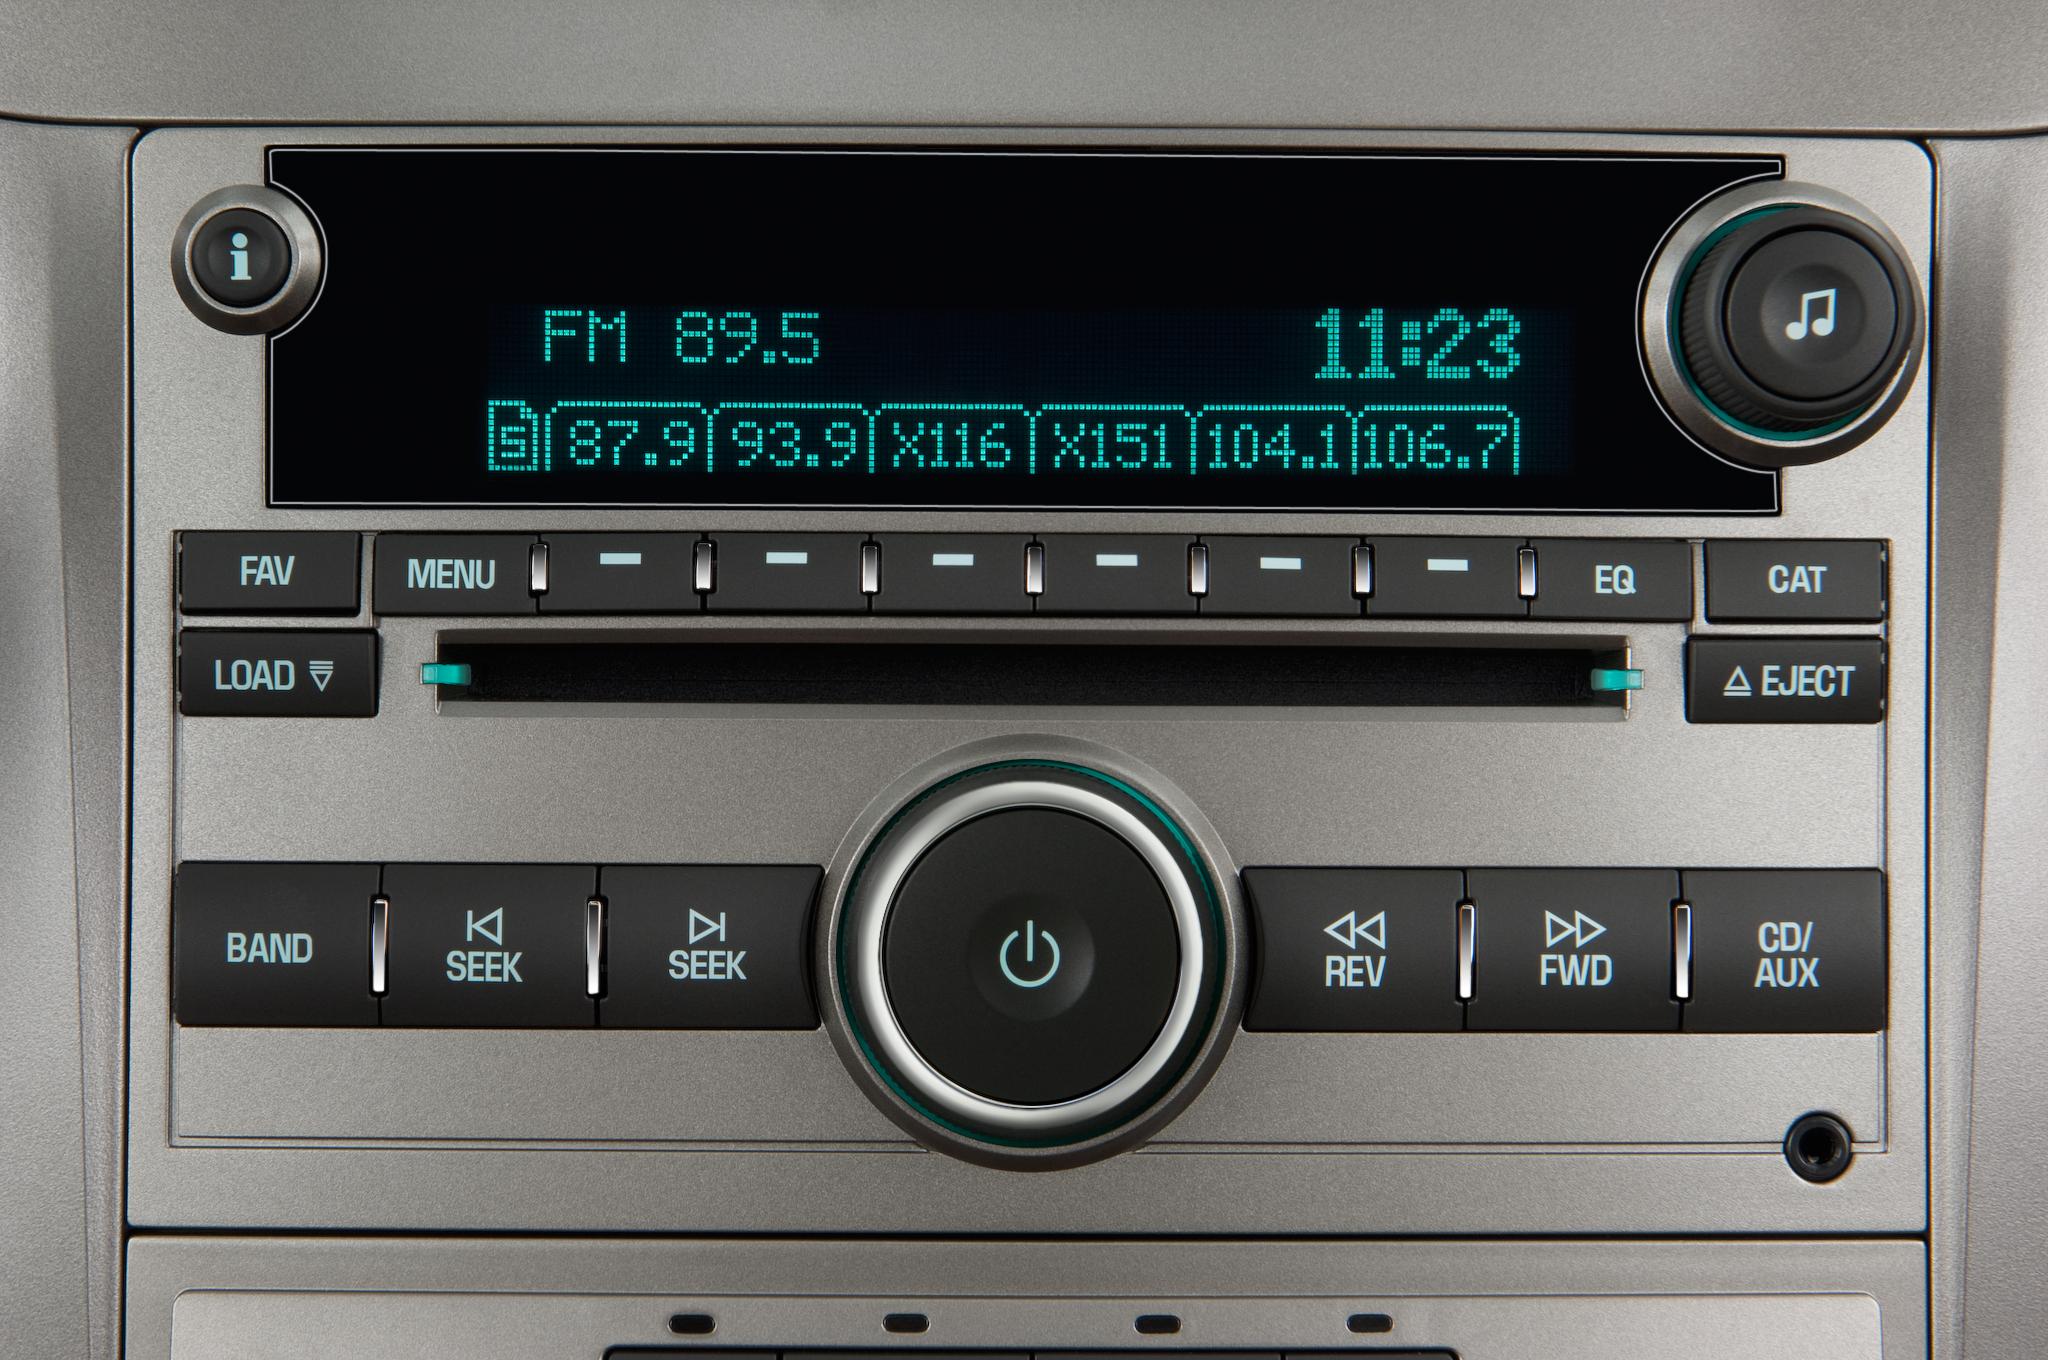 2010 chevy malibu sound system